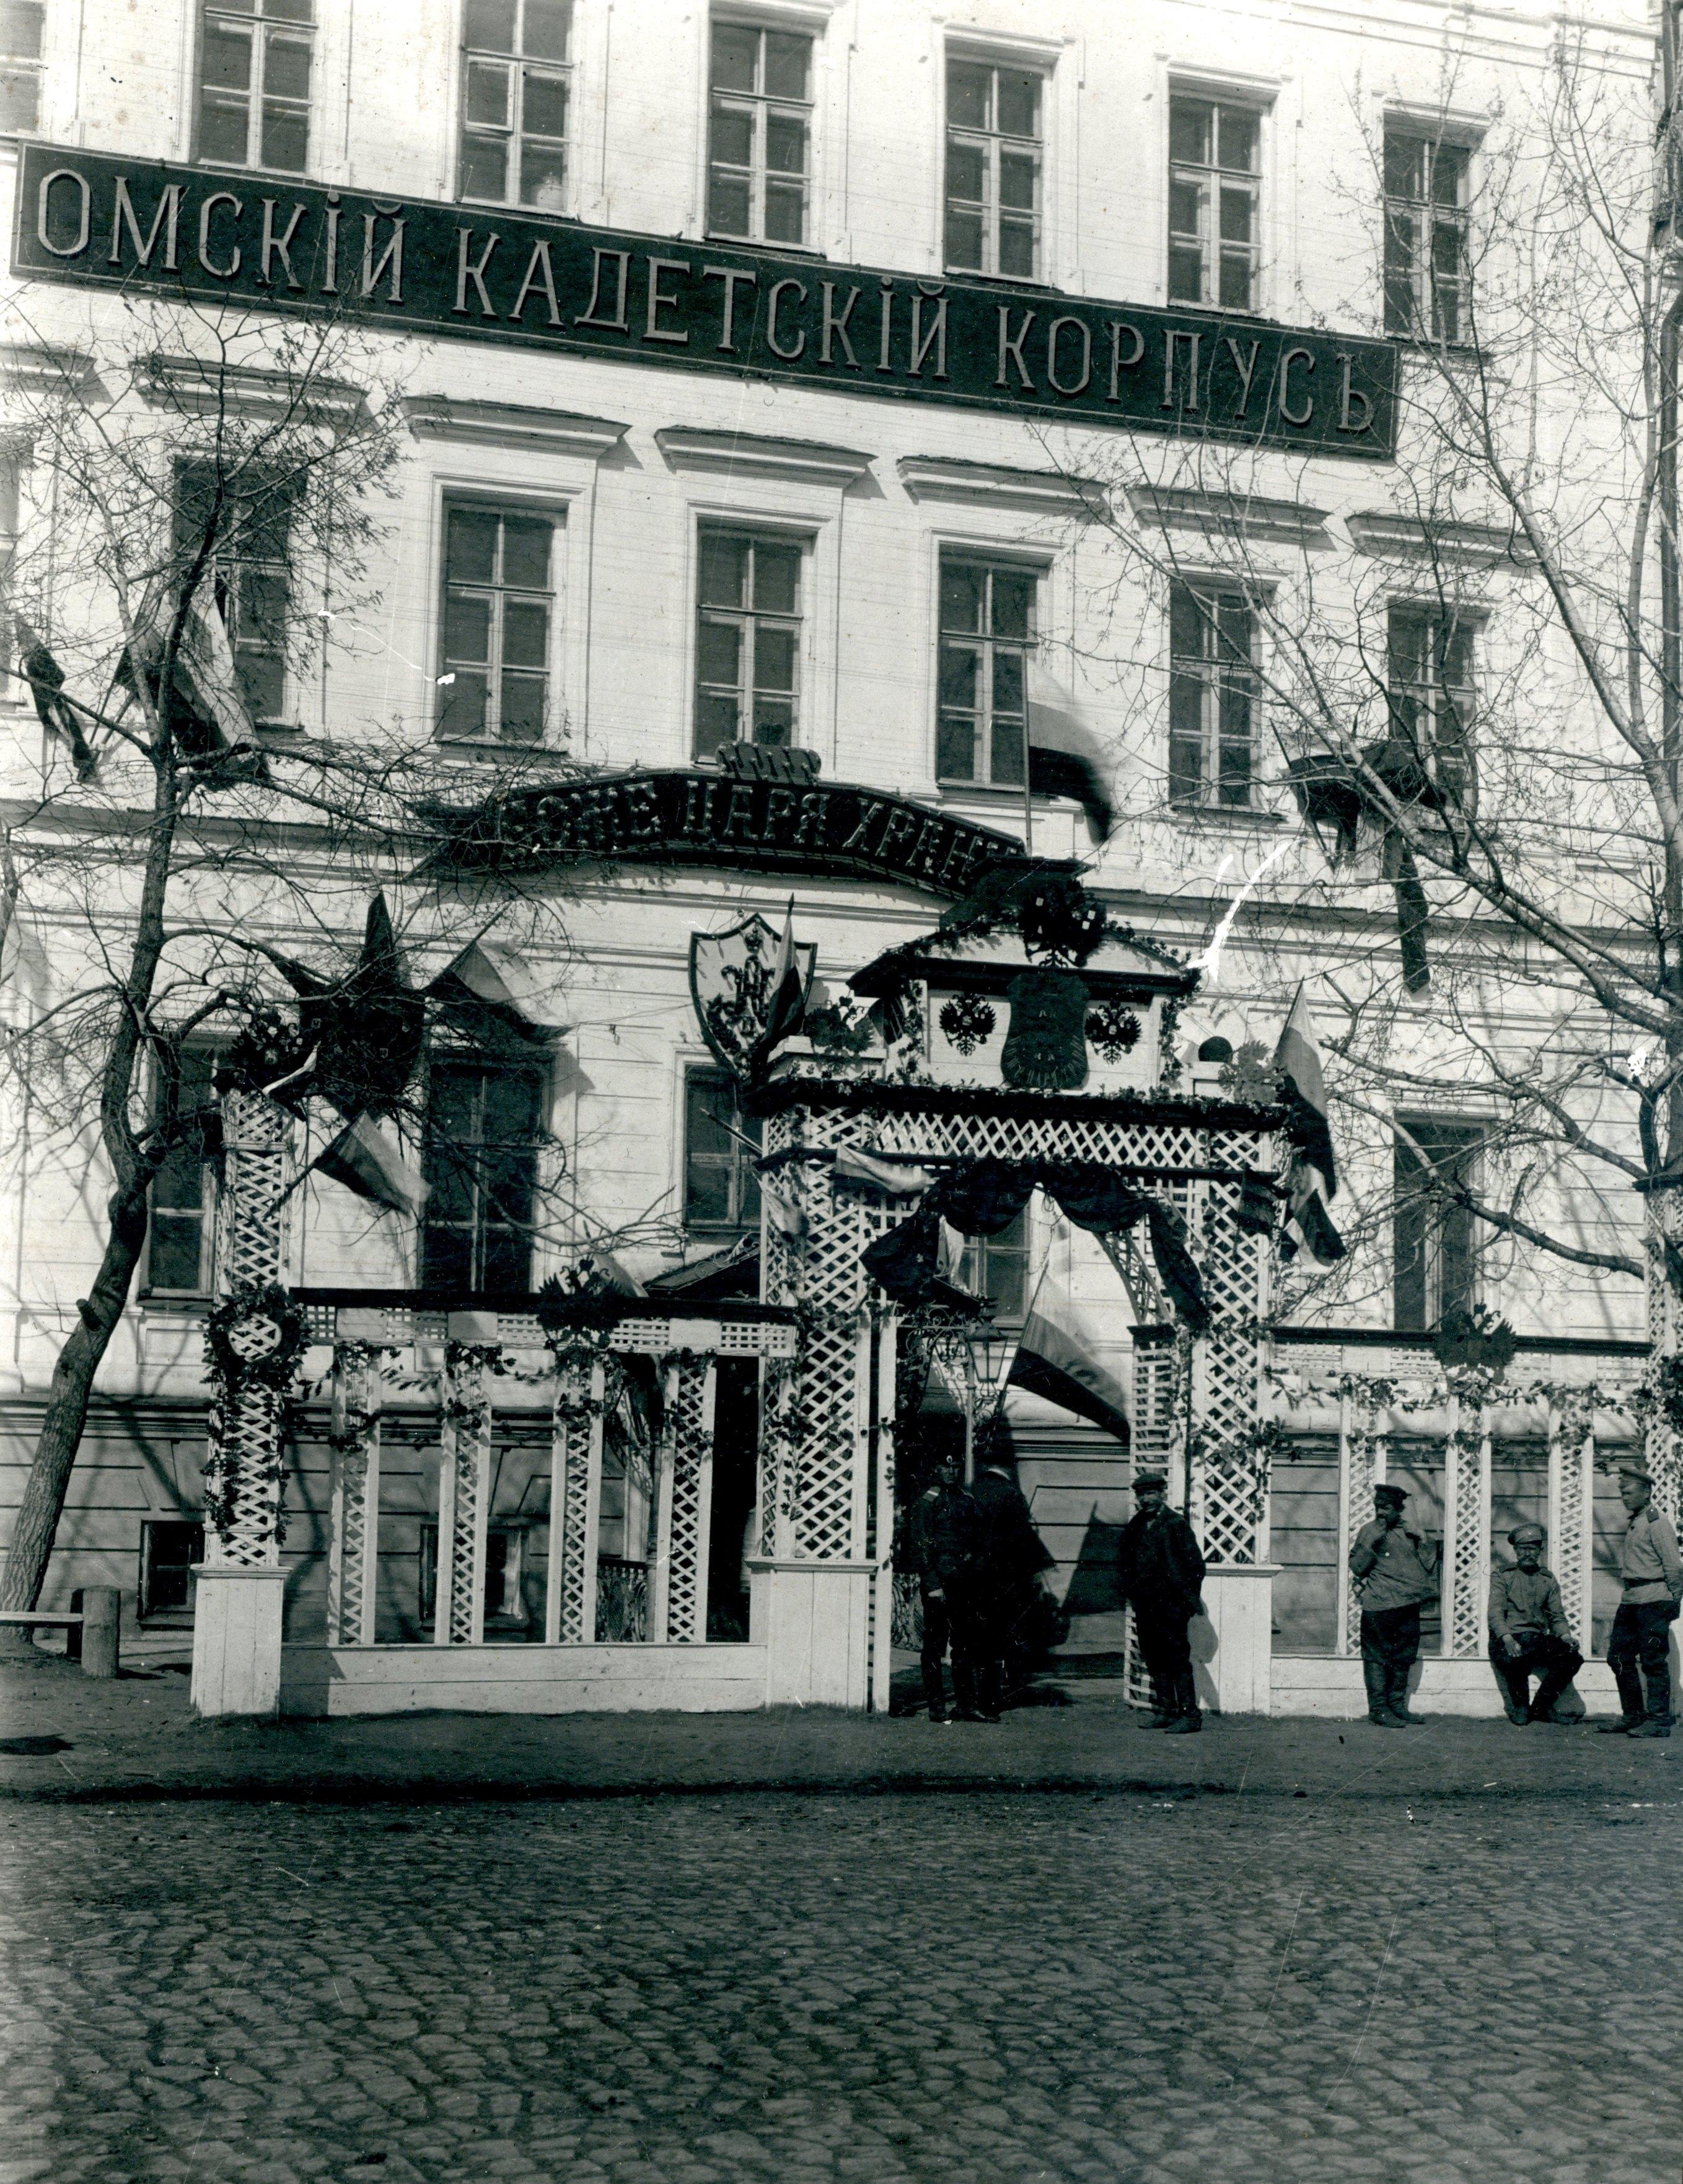 Парадный вход в Омский кадетский корпус. Вход украшен к 100 - летнему юбилею